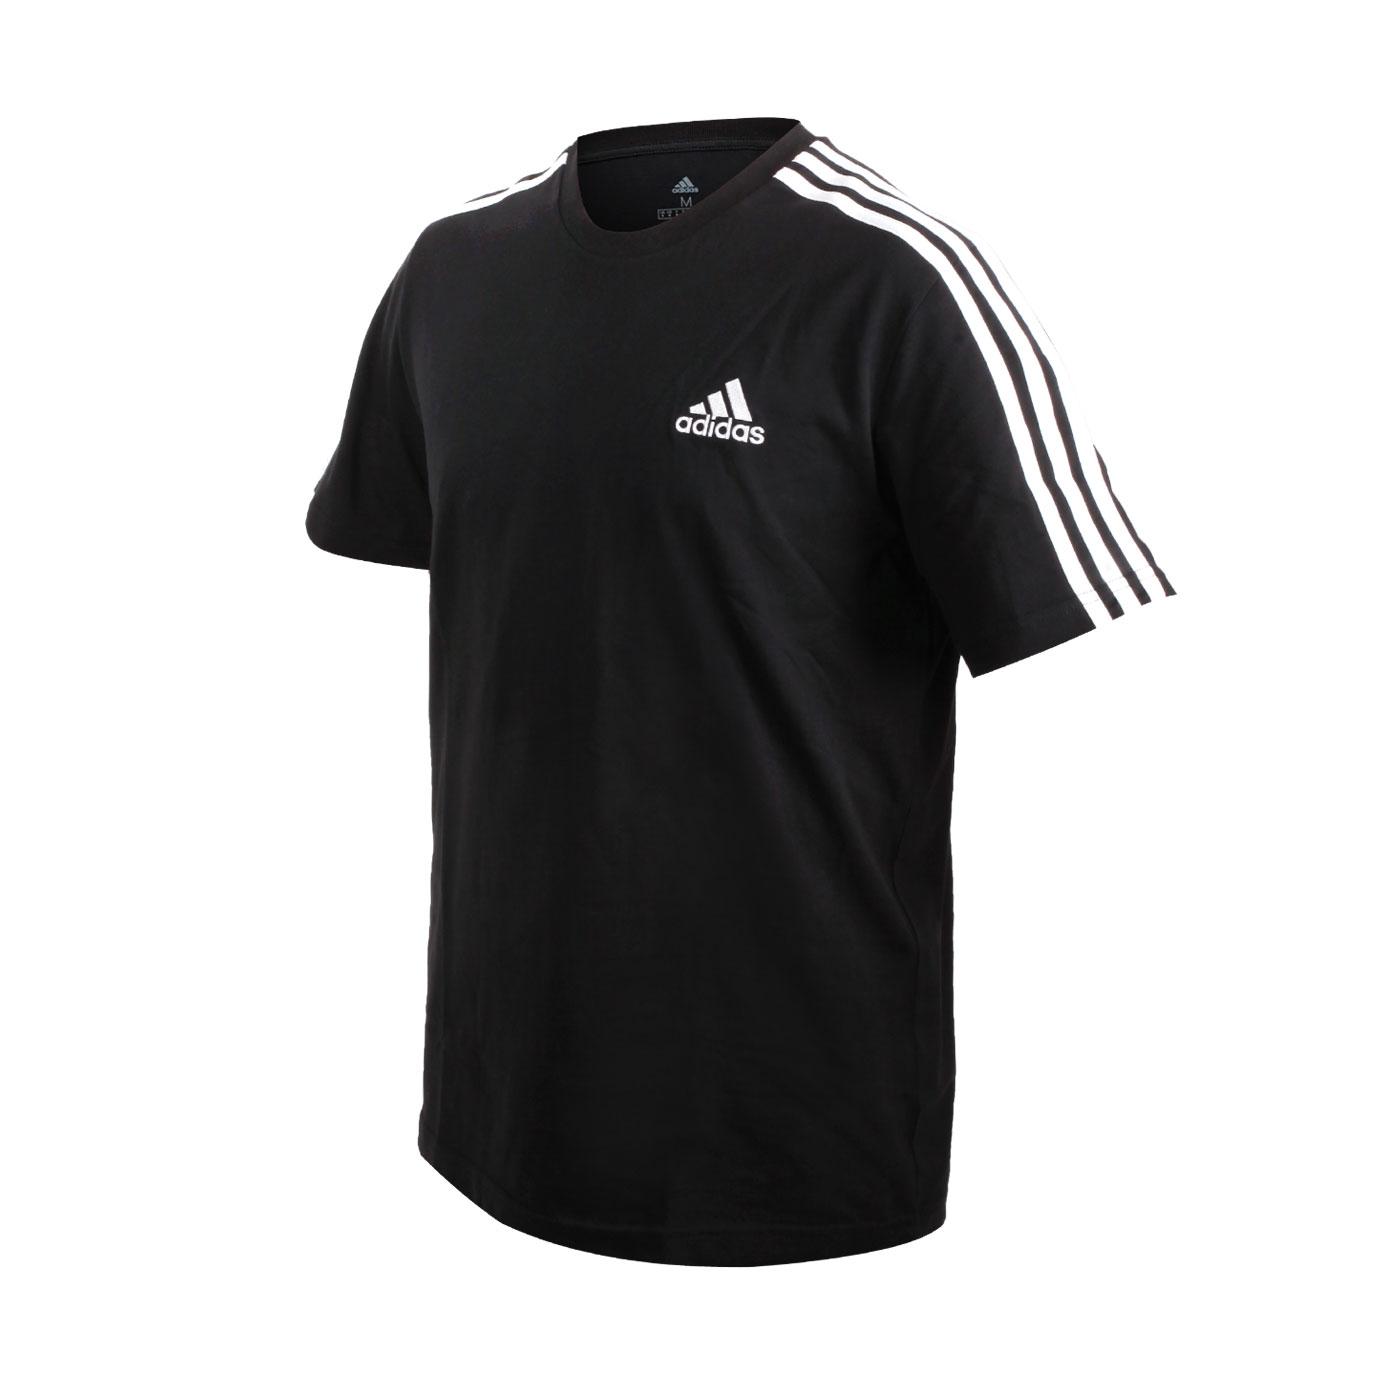 ADIDAS 男款短袖T恤 GL3732